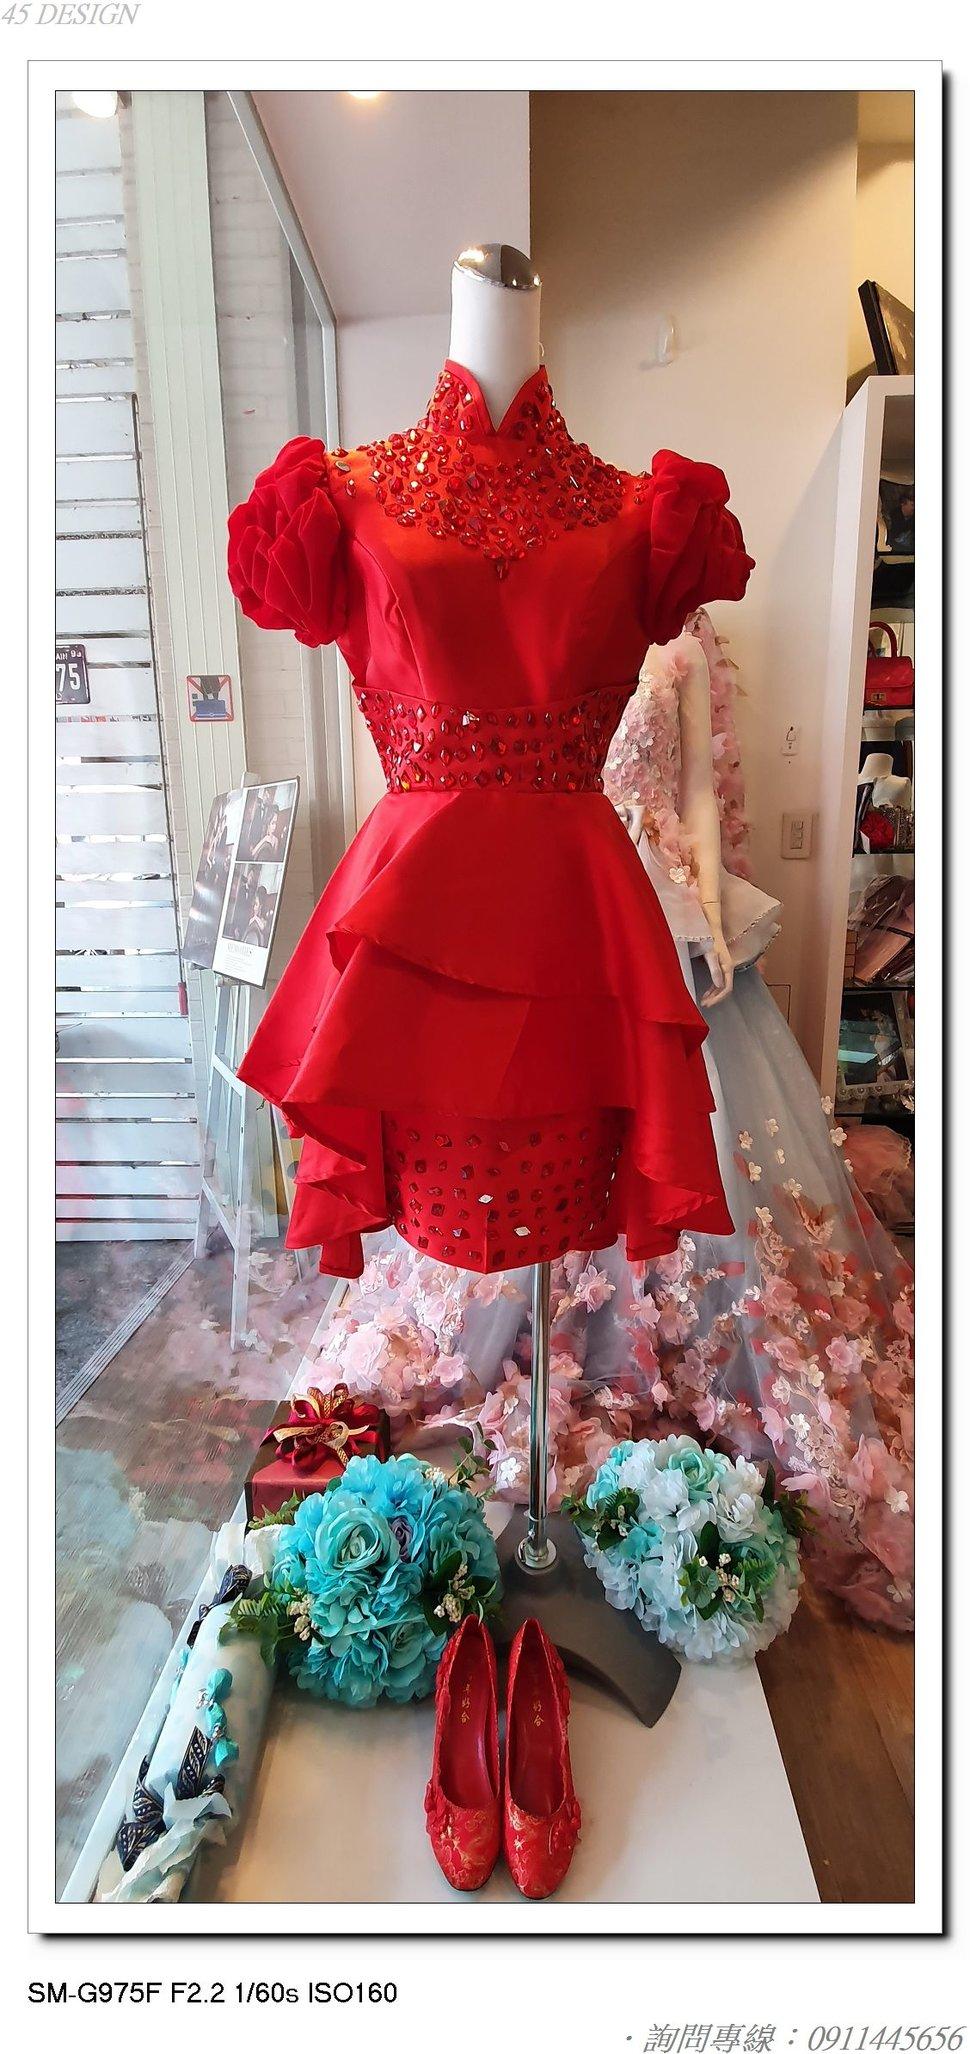 20200210_100047 - 全台最便宜-45DESIGN四五婚紗禮服《結婚吧》